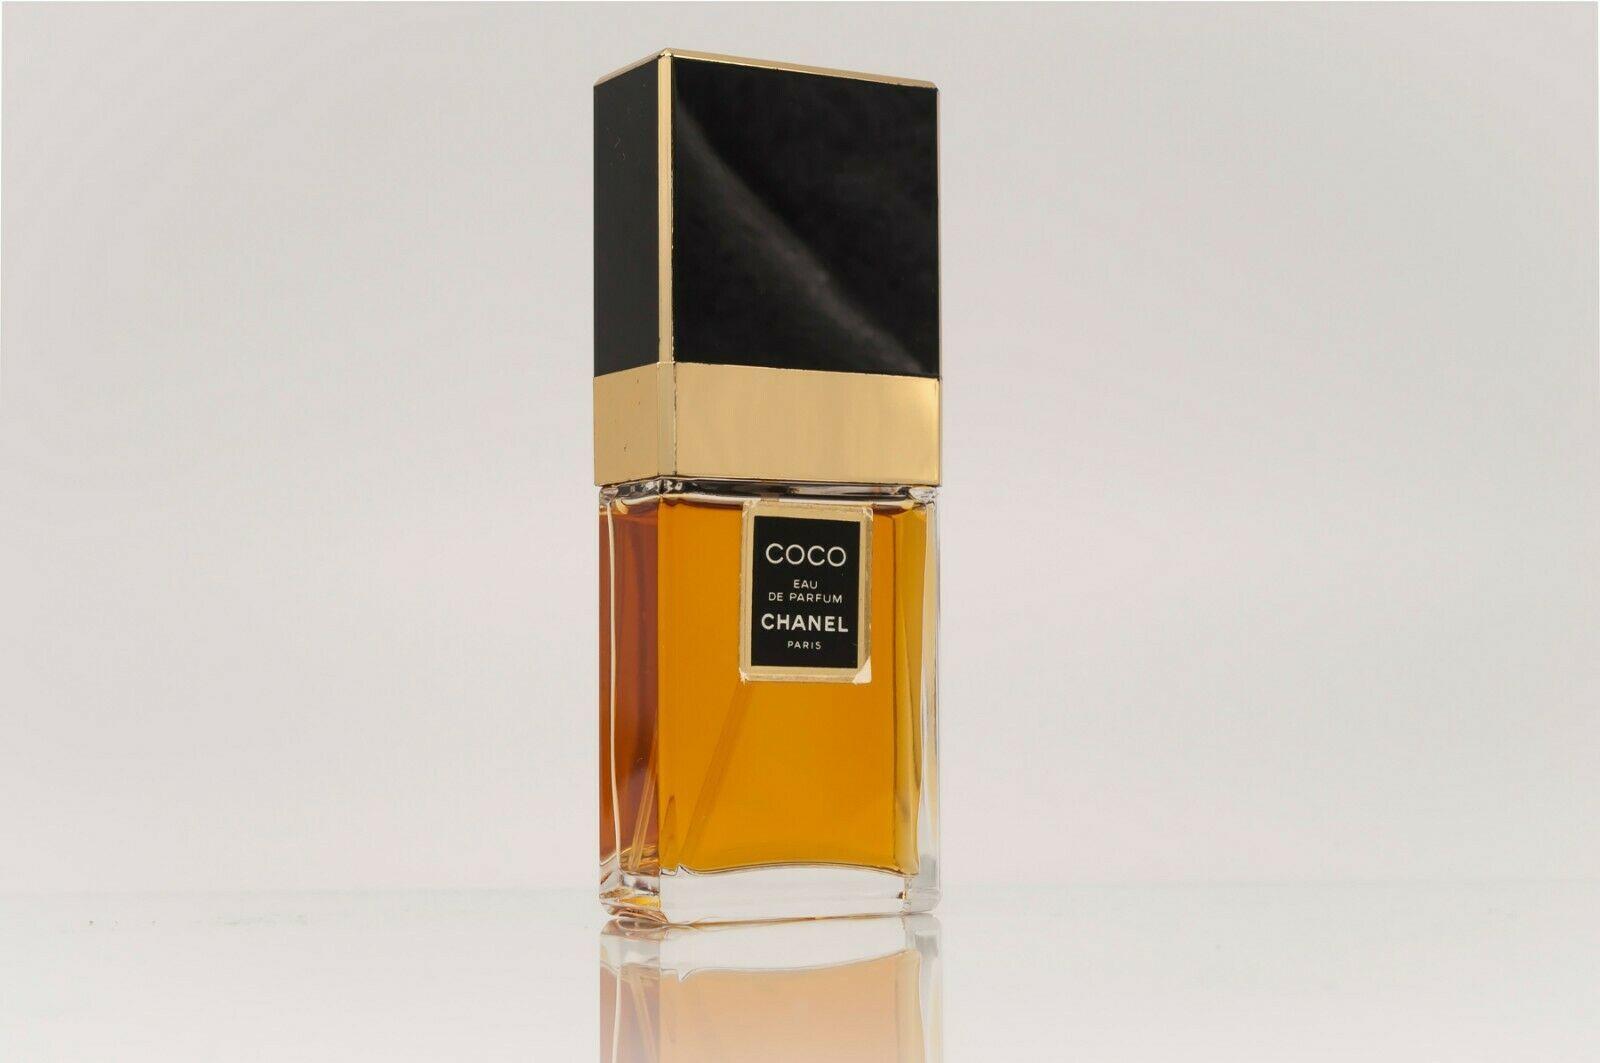 COCO (CHANEL) Eau de Parfum (EDP) 35 ml - $59.00